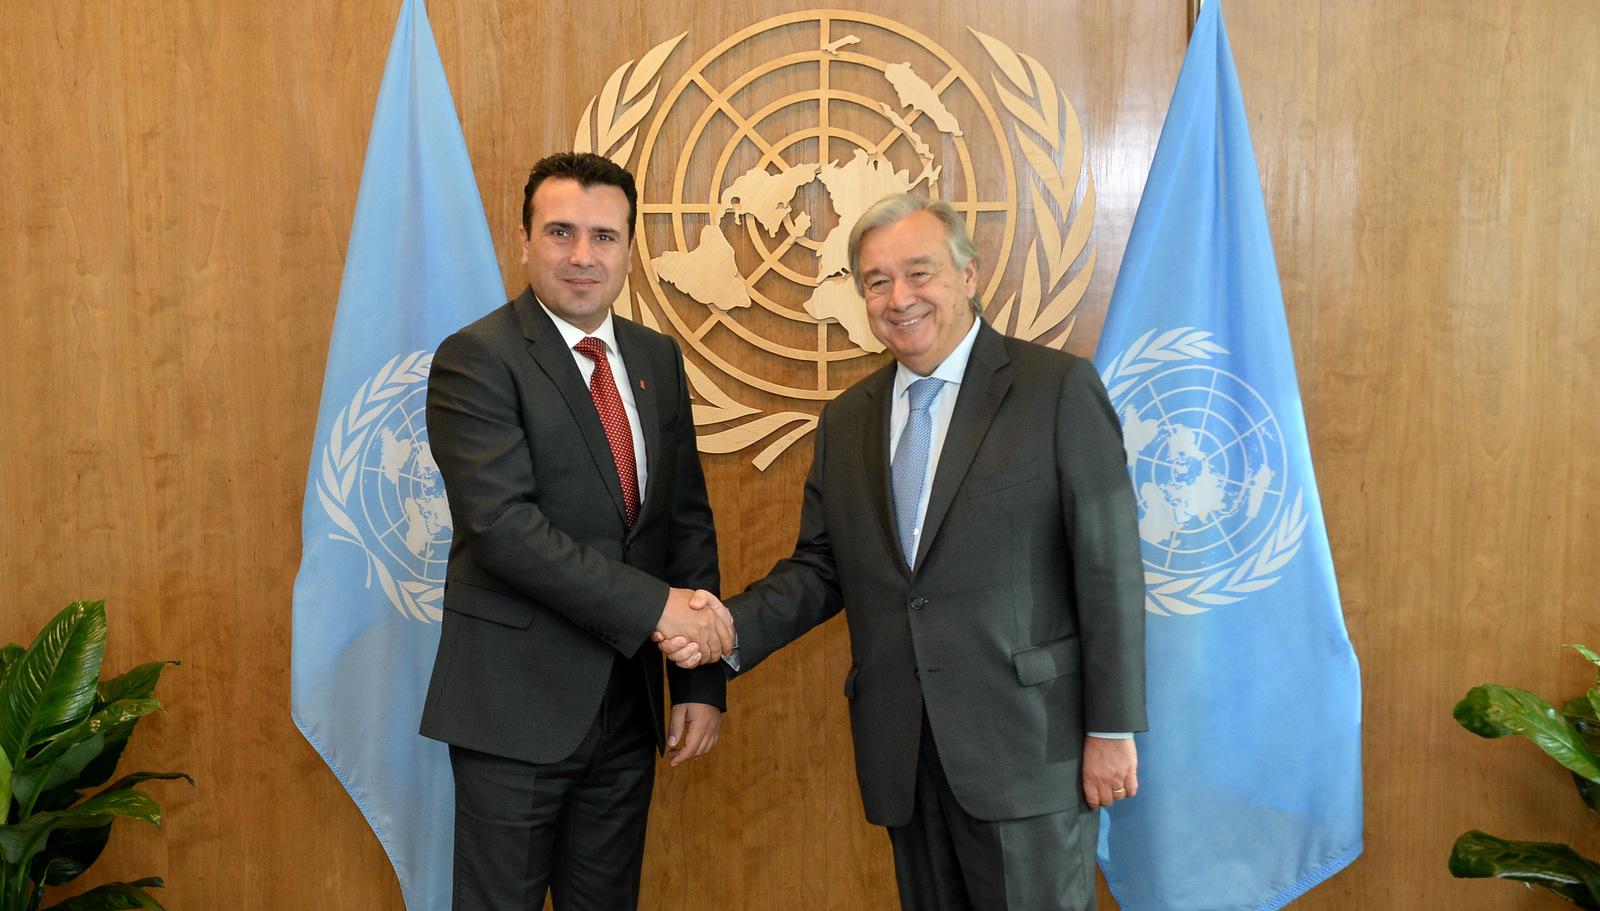 Заев се сретна со Гутереш  Македонија е пример за соживот и фактор на разбирање во регионот